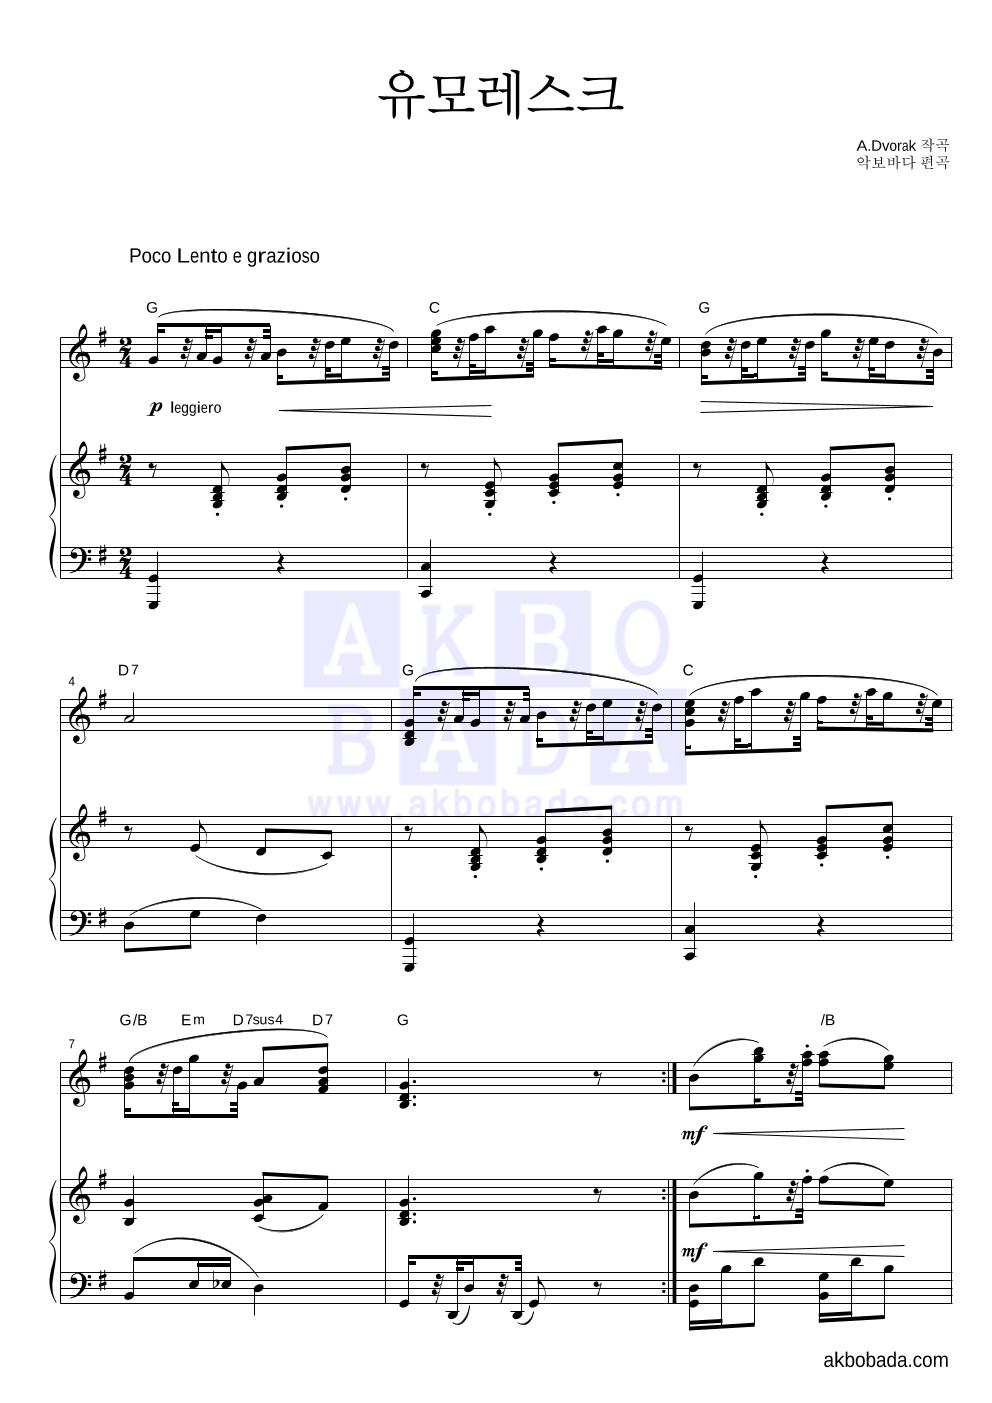 드보르작 - 유모레스크 하모니카&피아노 악보